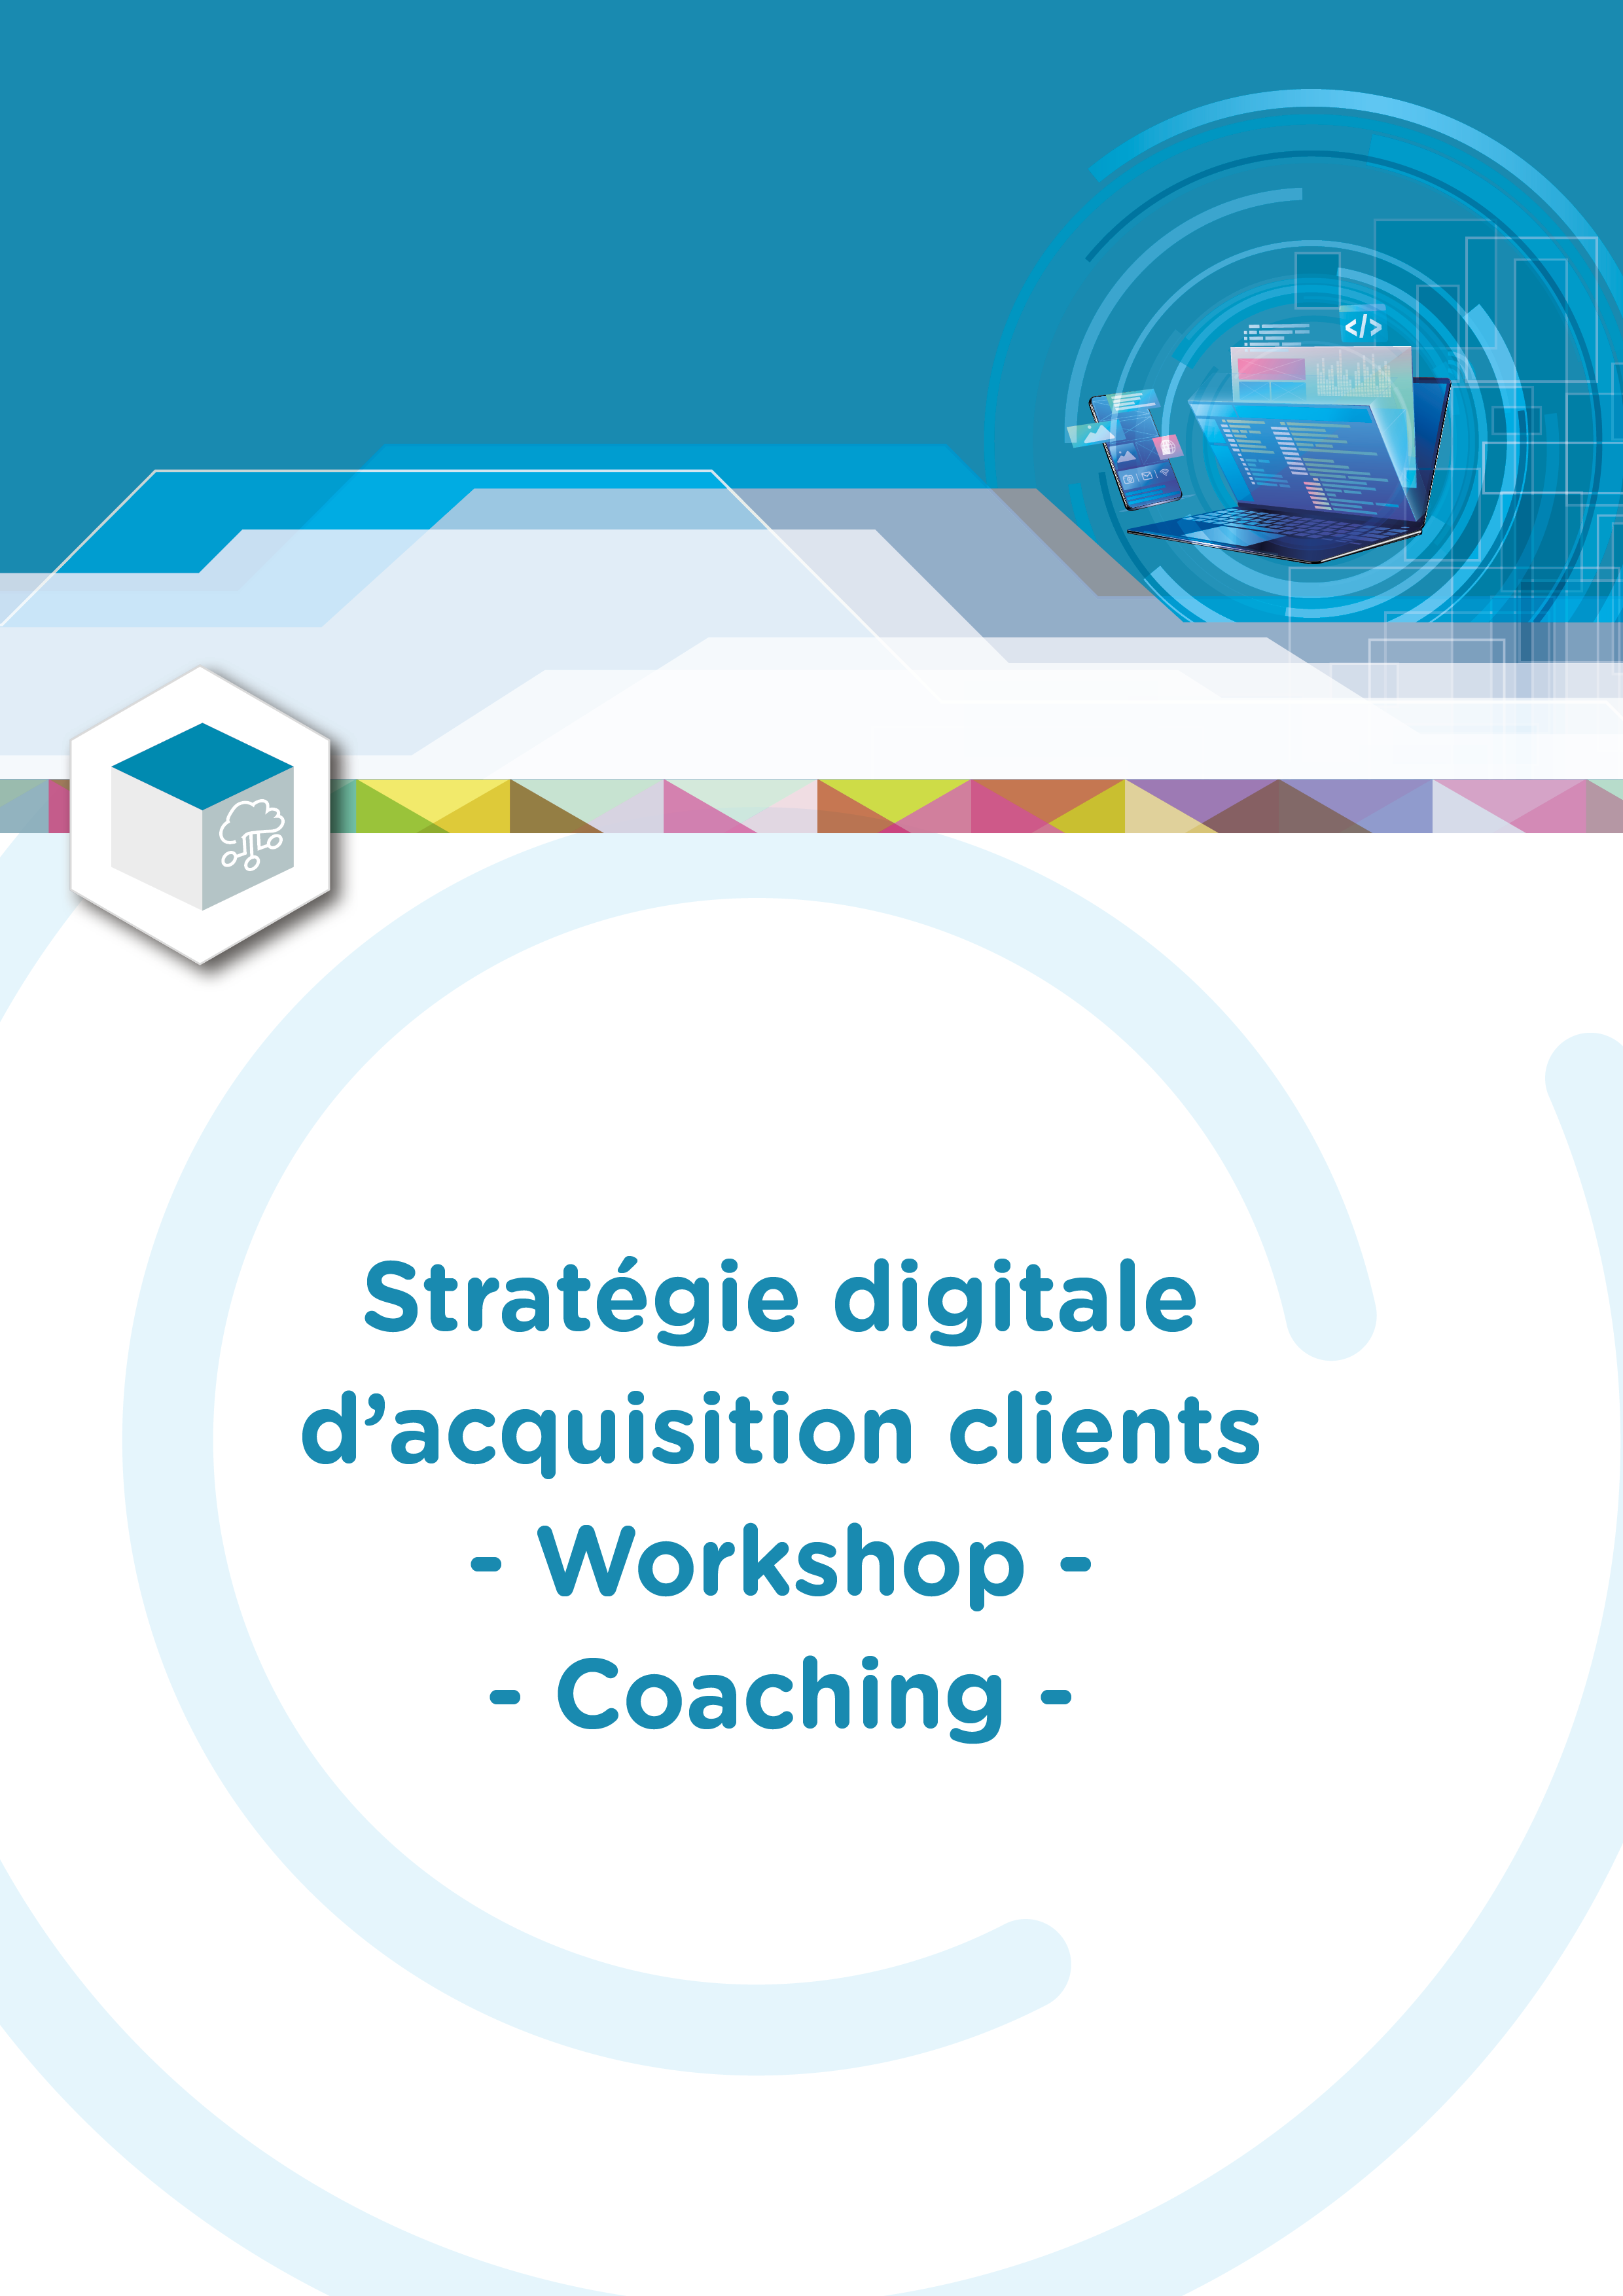 Stratégie digitale d'acquisition clients